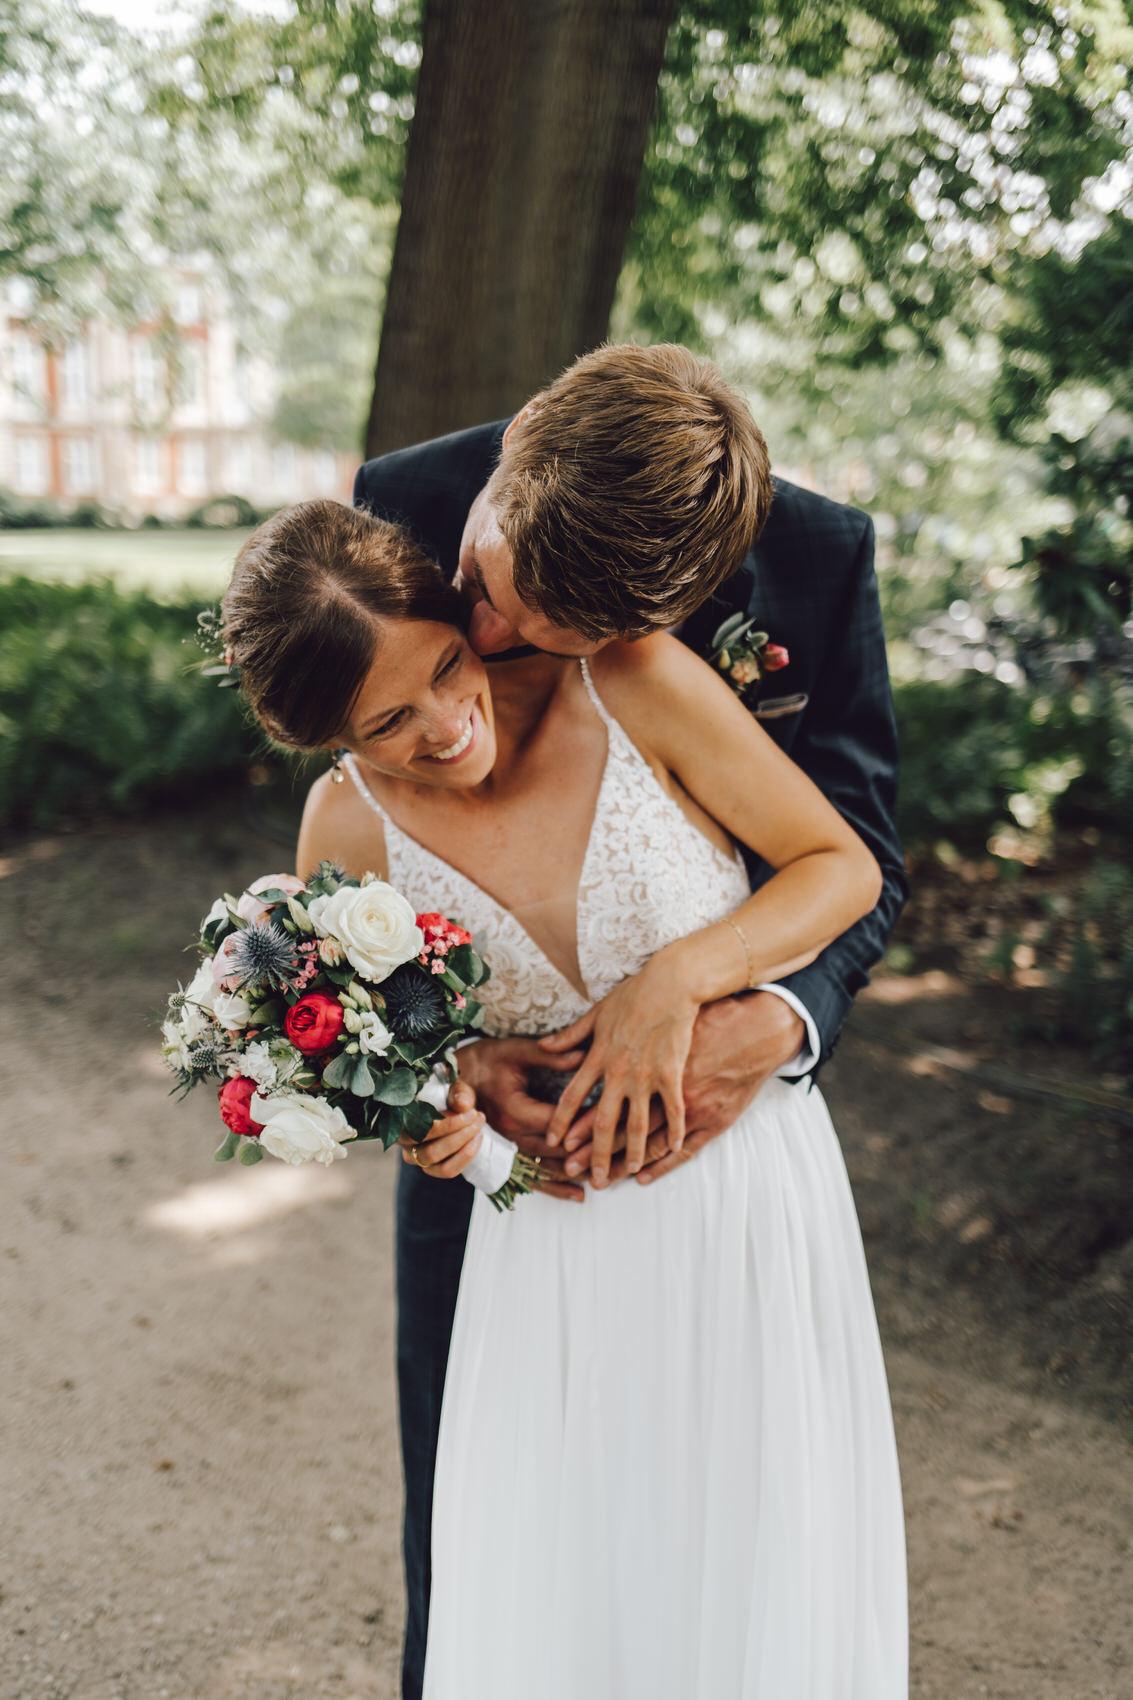 Hochzeitsfotograf Osnabrück Münster Bräutigam küsst Braut